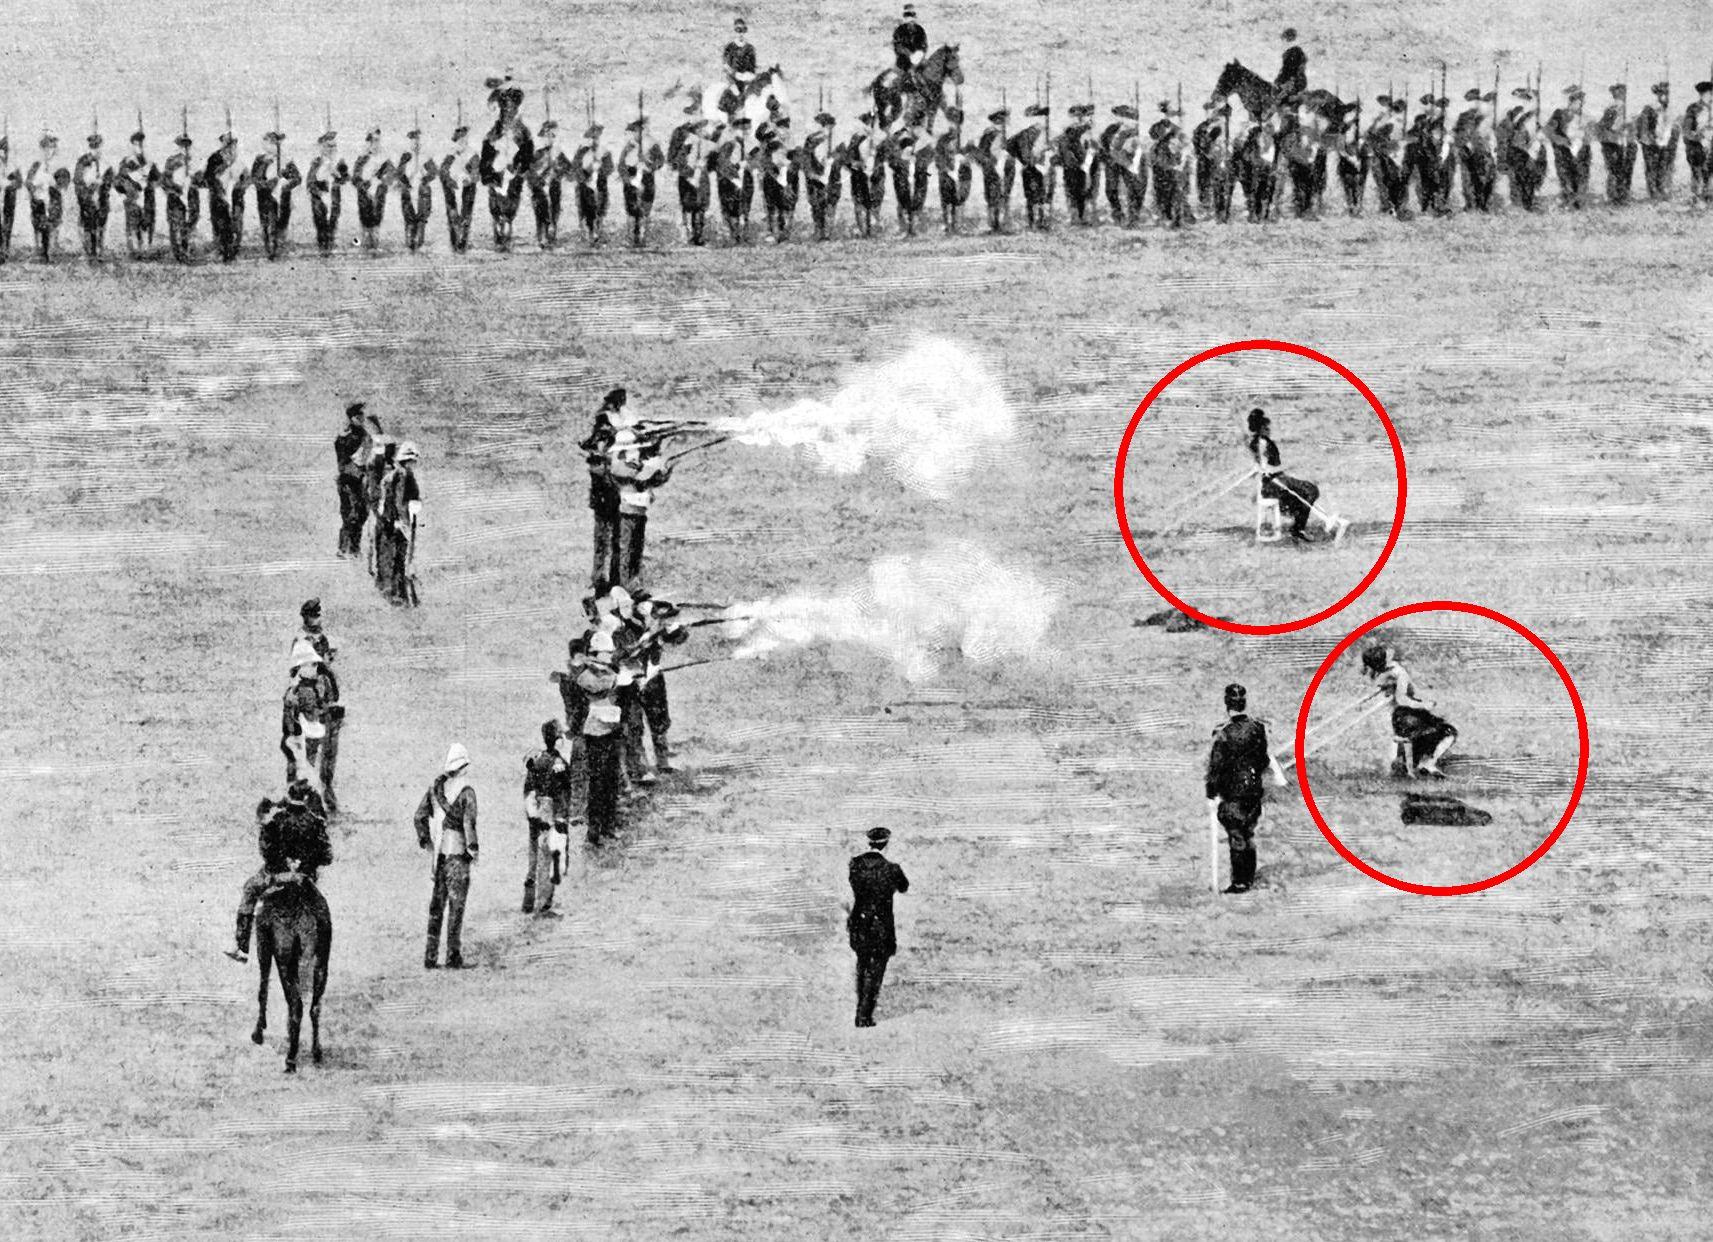 Η ατιμωτική εκτέλεση δύο Τούρκων για τις σφαγές στο Ηράκλειο. Την ποινή επέβαλαν οι Μεγάλες Δυνάμεις μετά το πογκρόμ κατά χριστιανών και τον θάνατο βρετανού διπλωμάτη